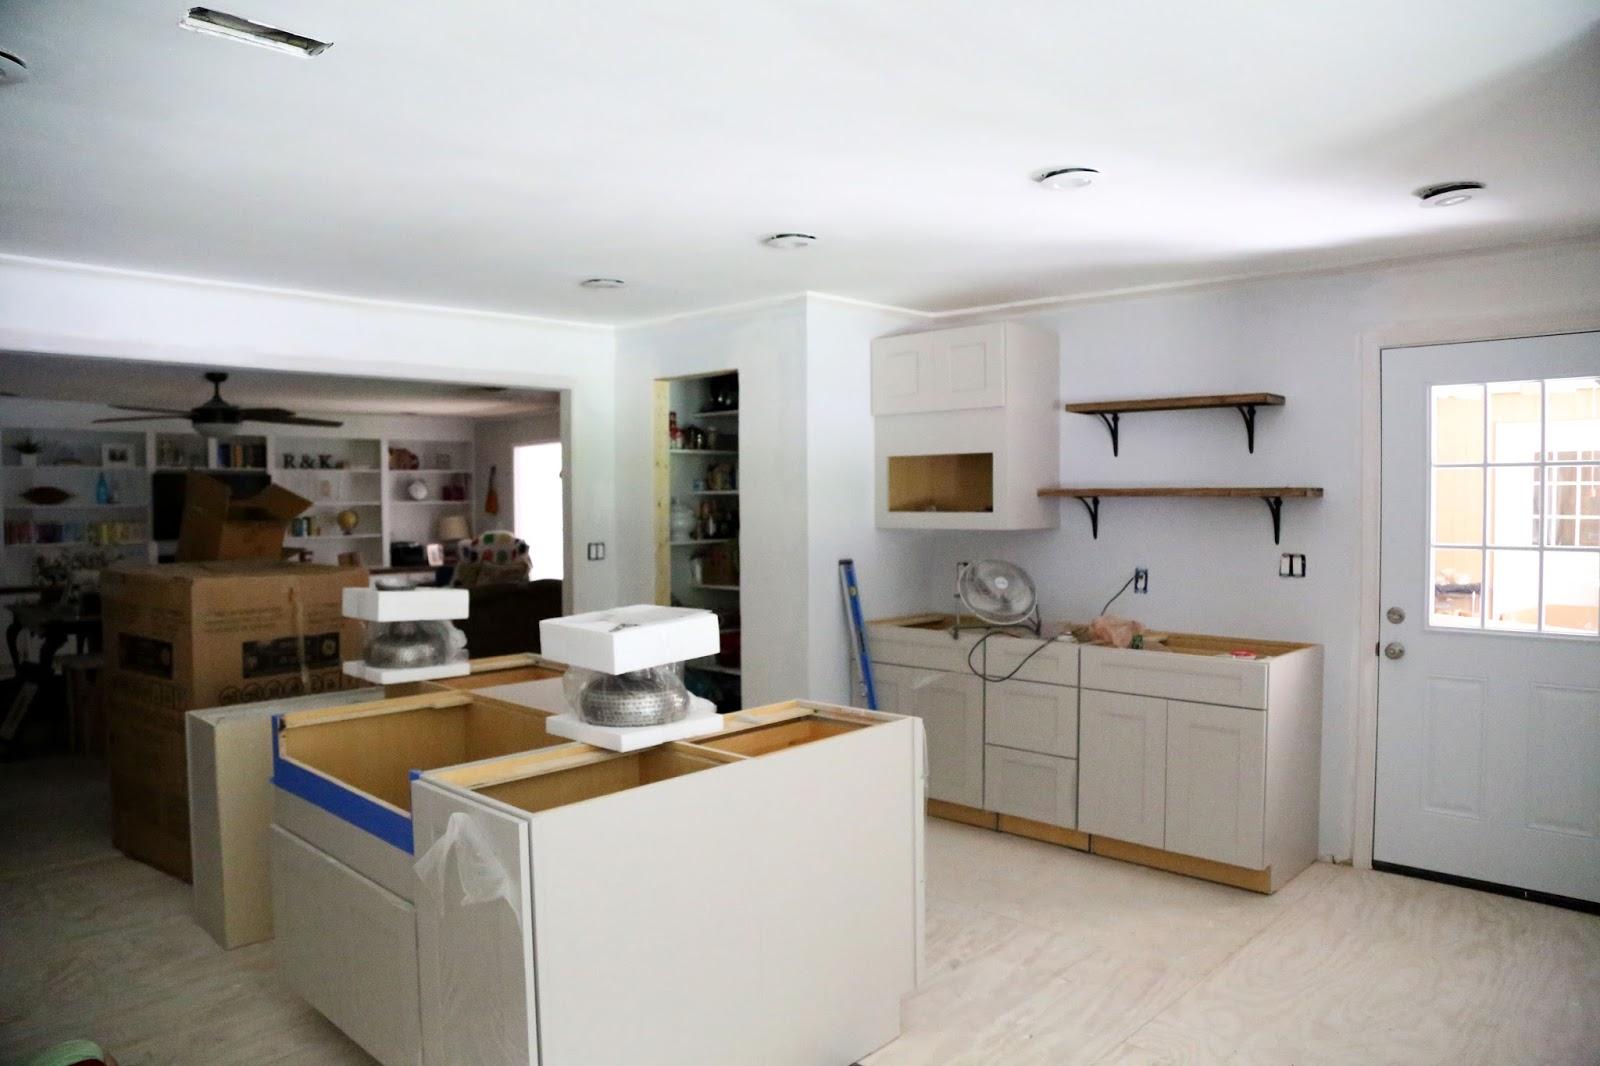 kitchen demo, kitchen remodel, Martha Stewart cabinets, remodel, new kitchen, DIY kitchen